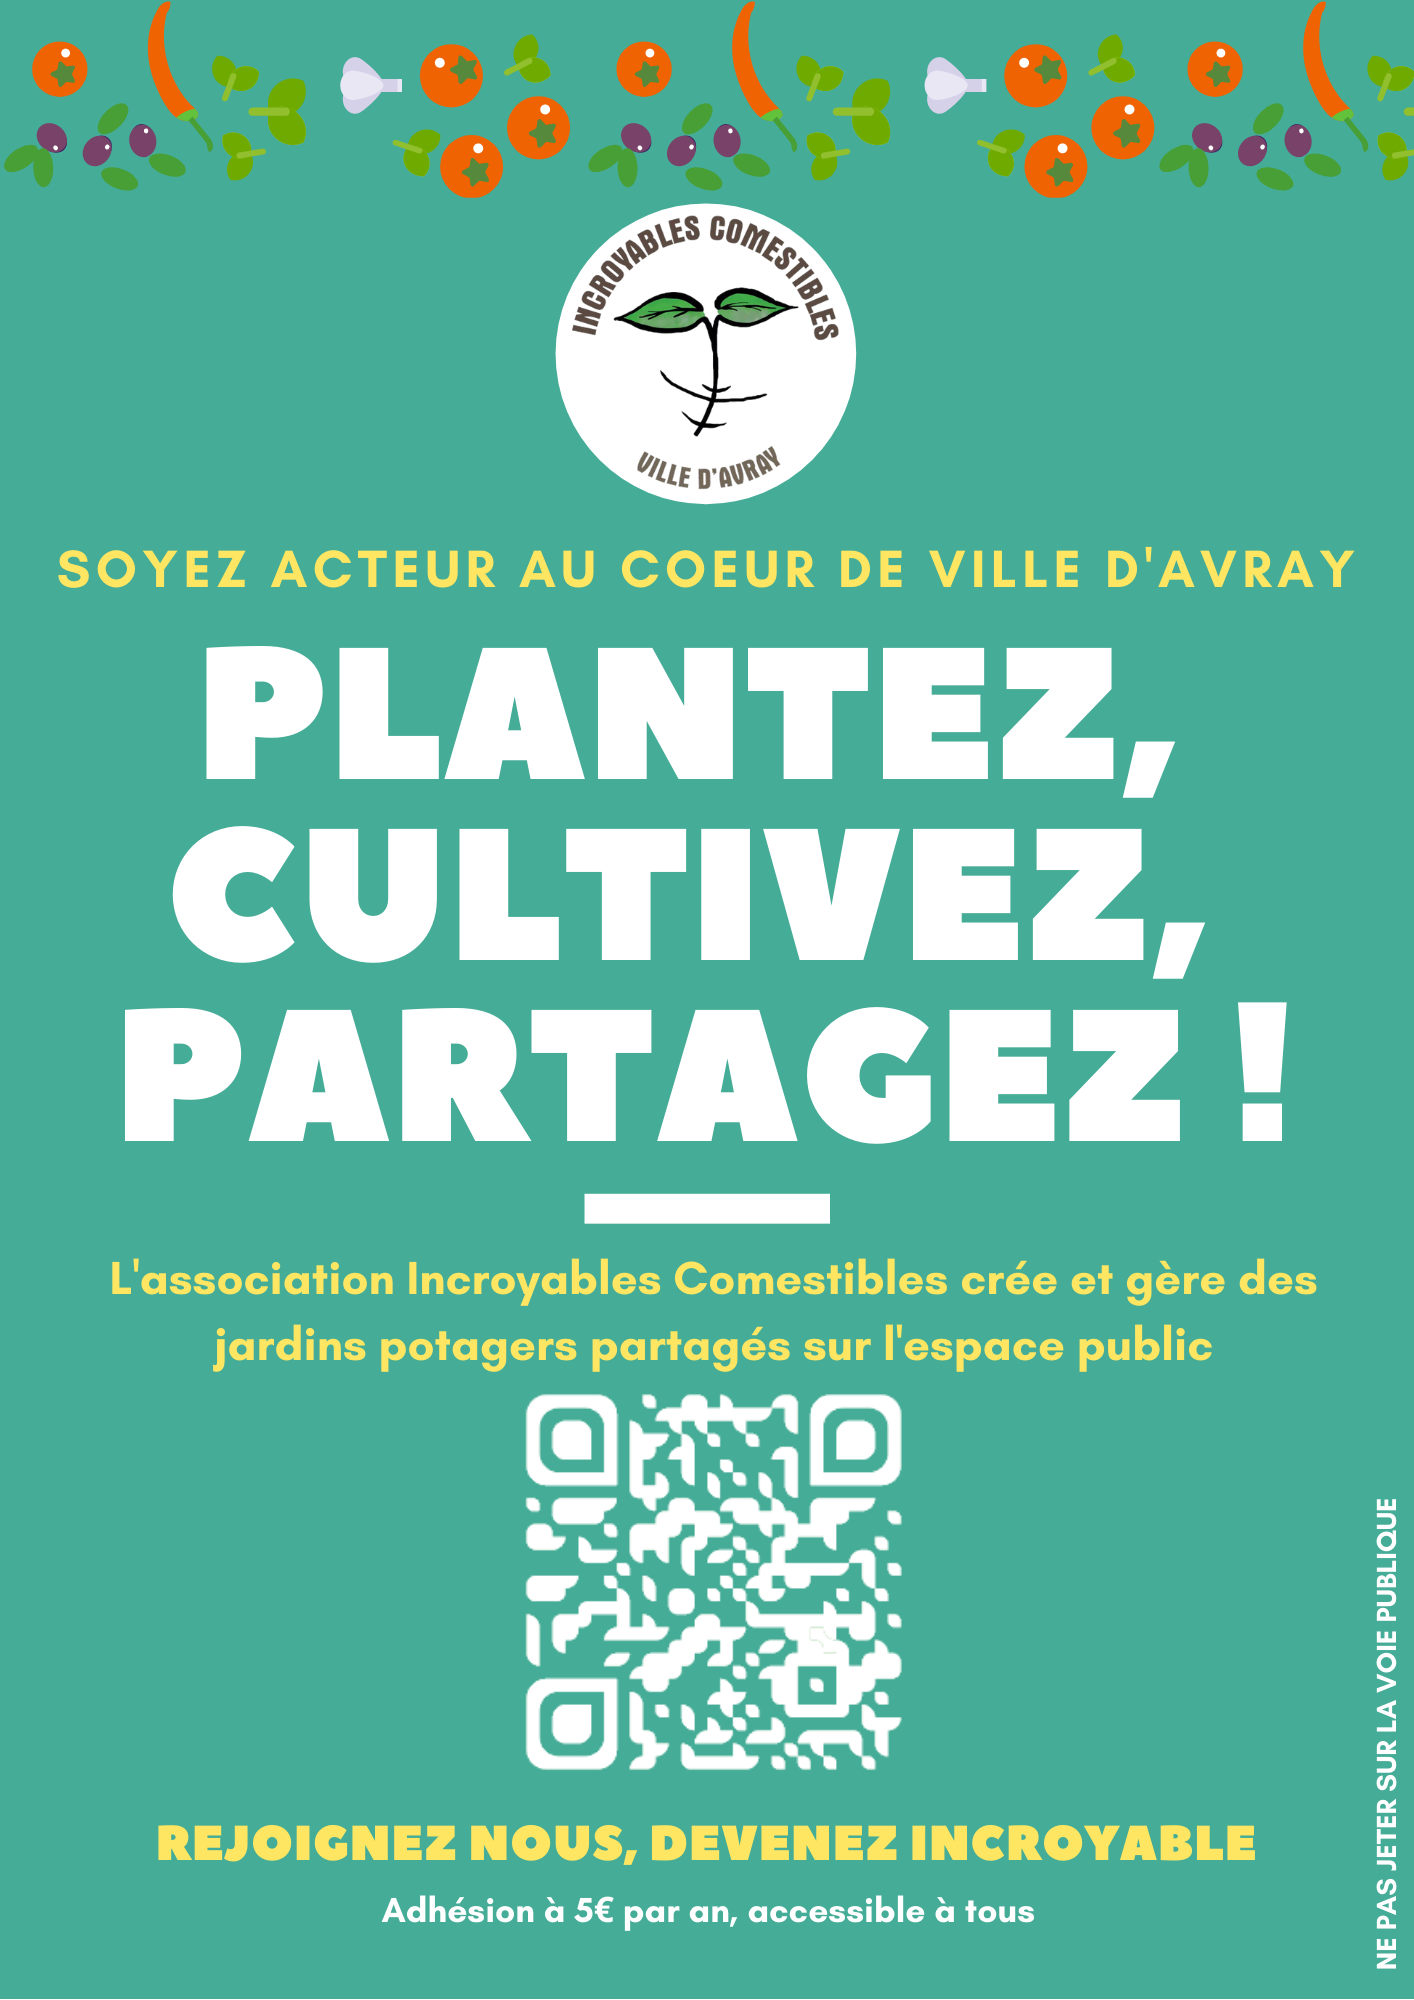 Le 29 mai, retrouvez-nous au Weekend de l'Environnement